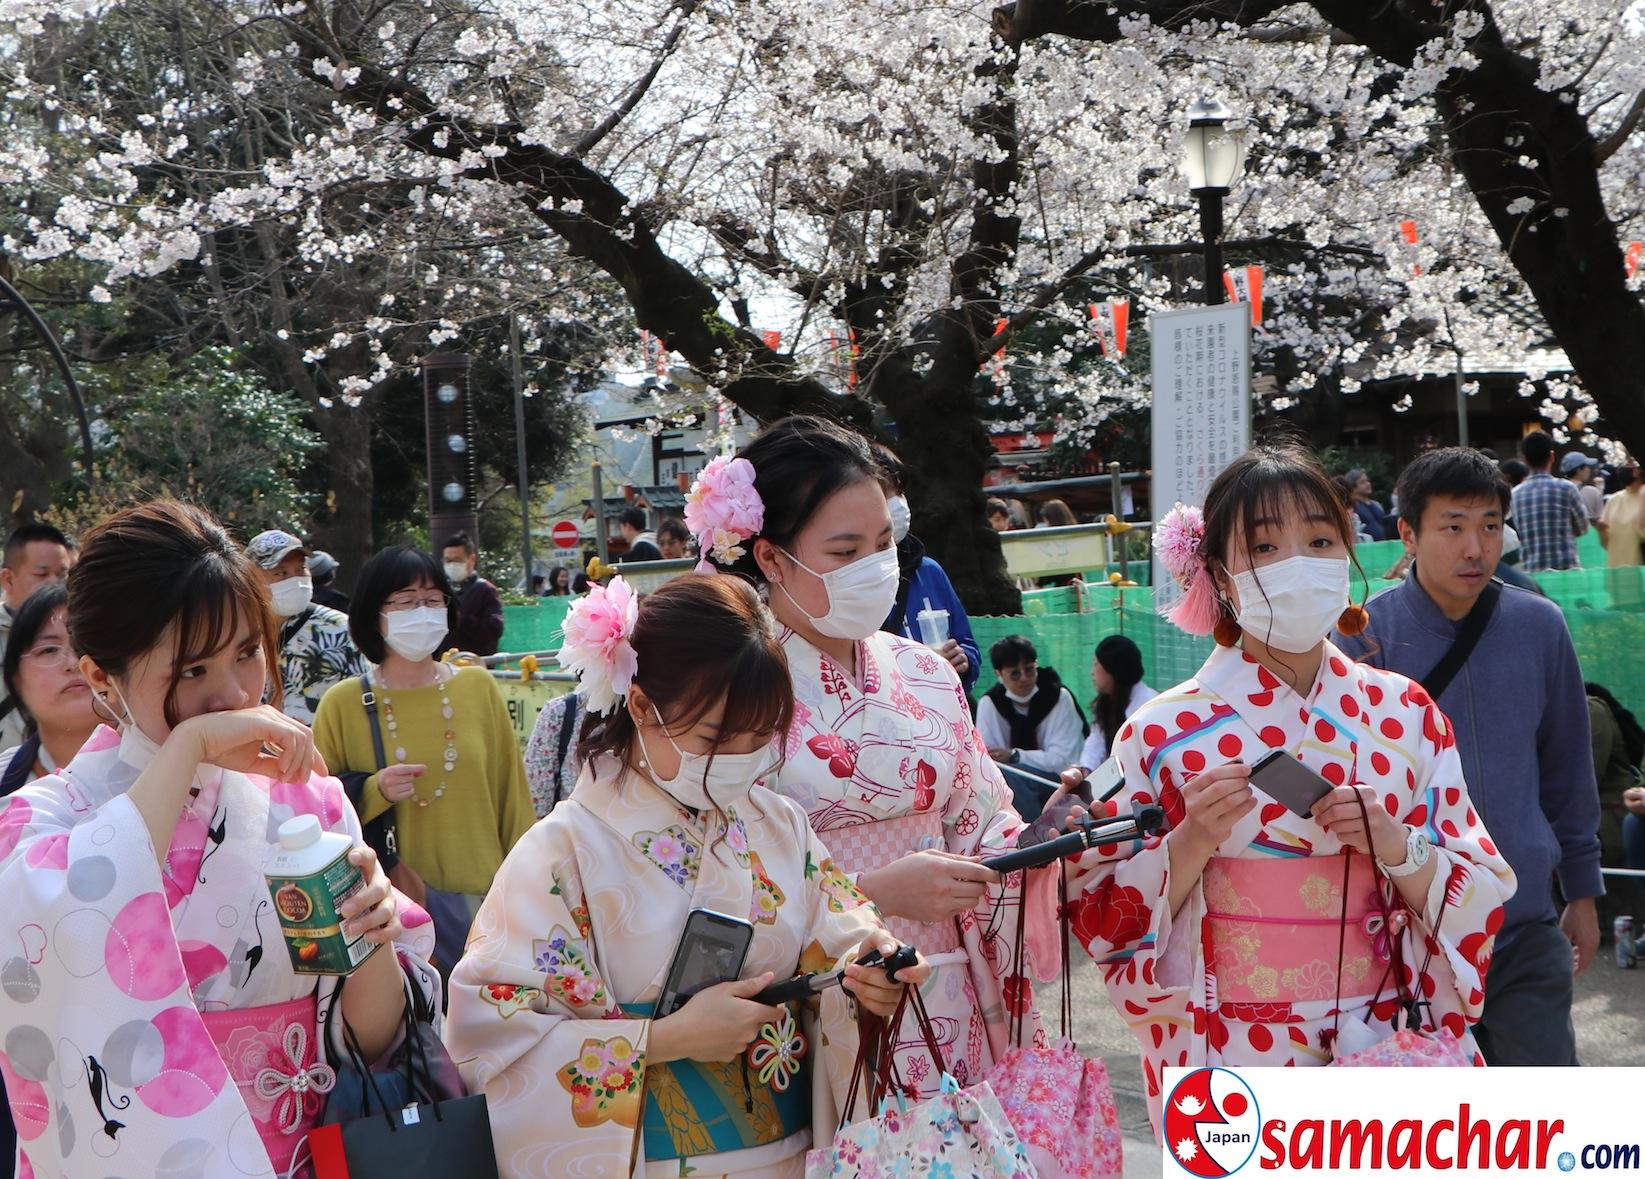 जापानको जीवनशैली र सभ्यता जसले कोरोना भाईरस संक्रमण बढ्न दिएको छैन !